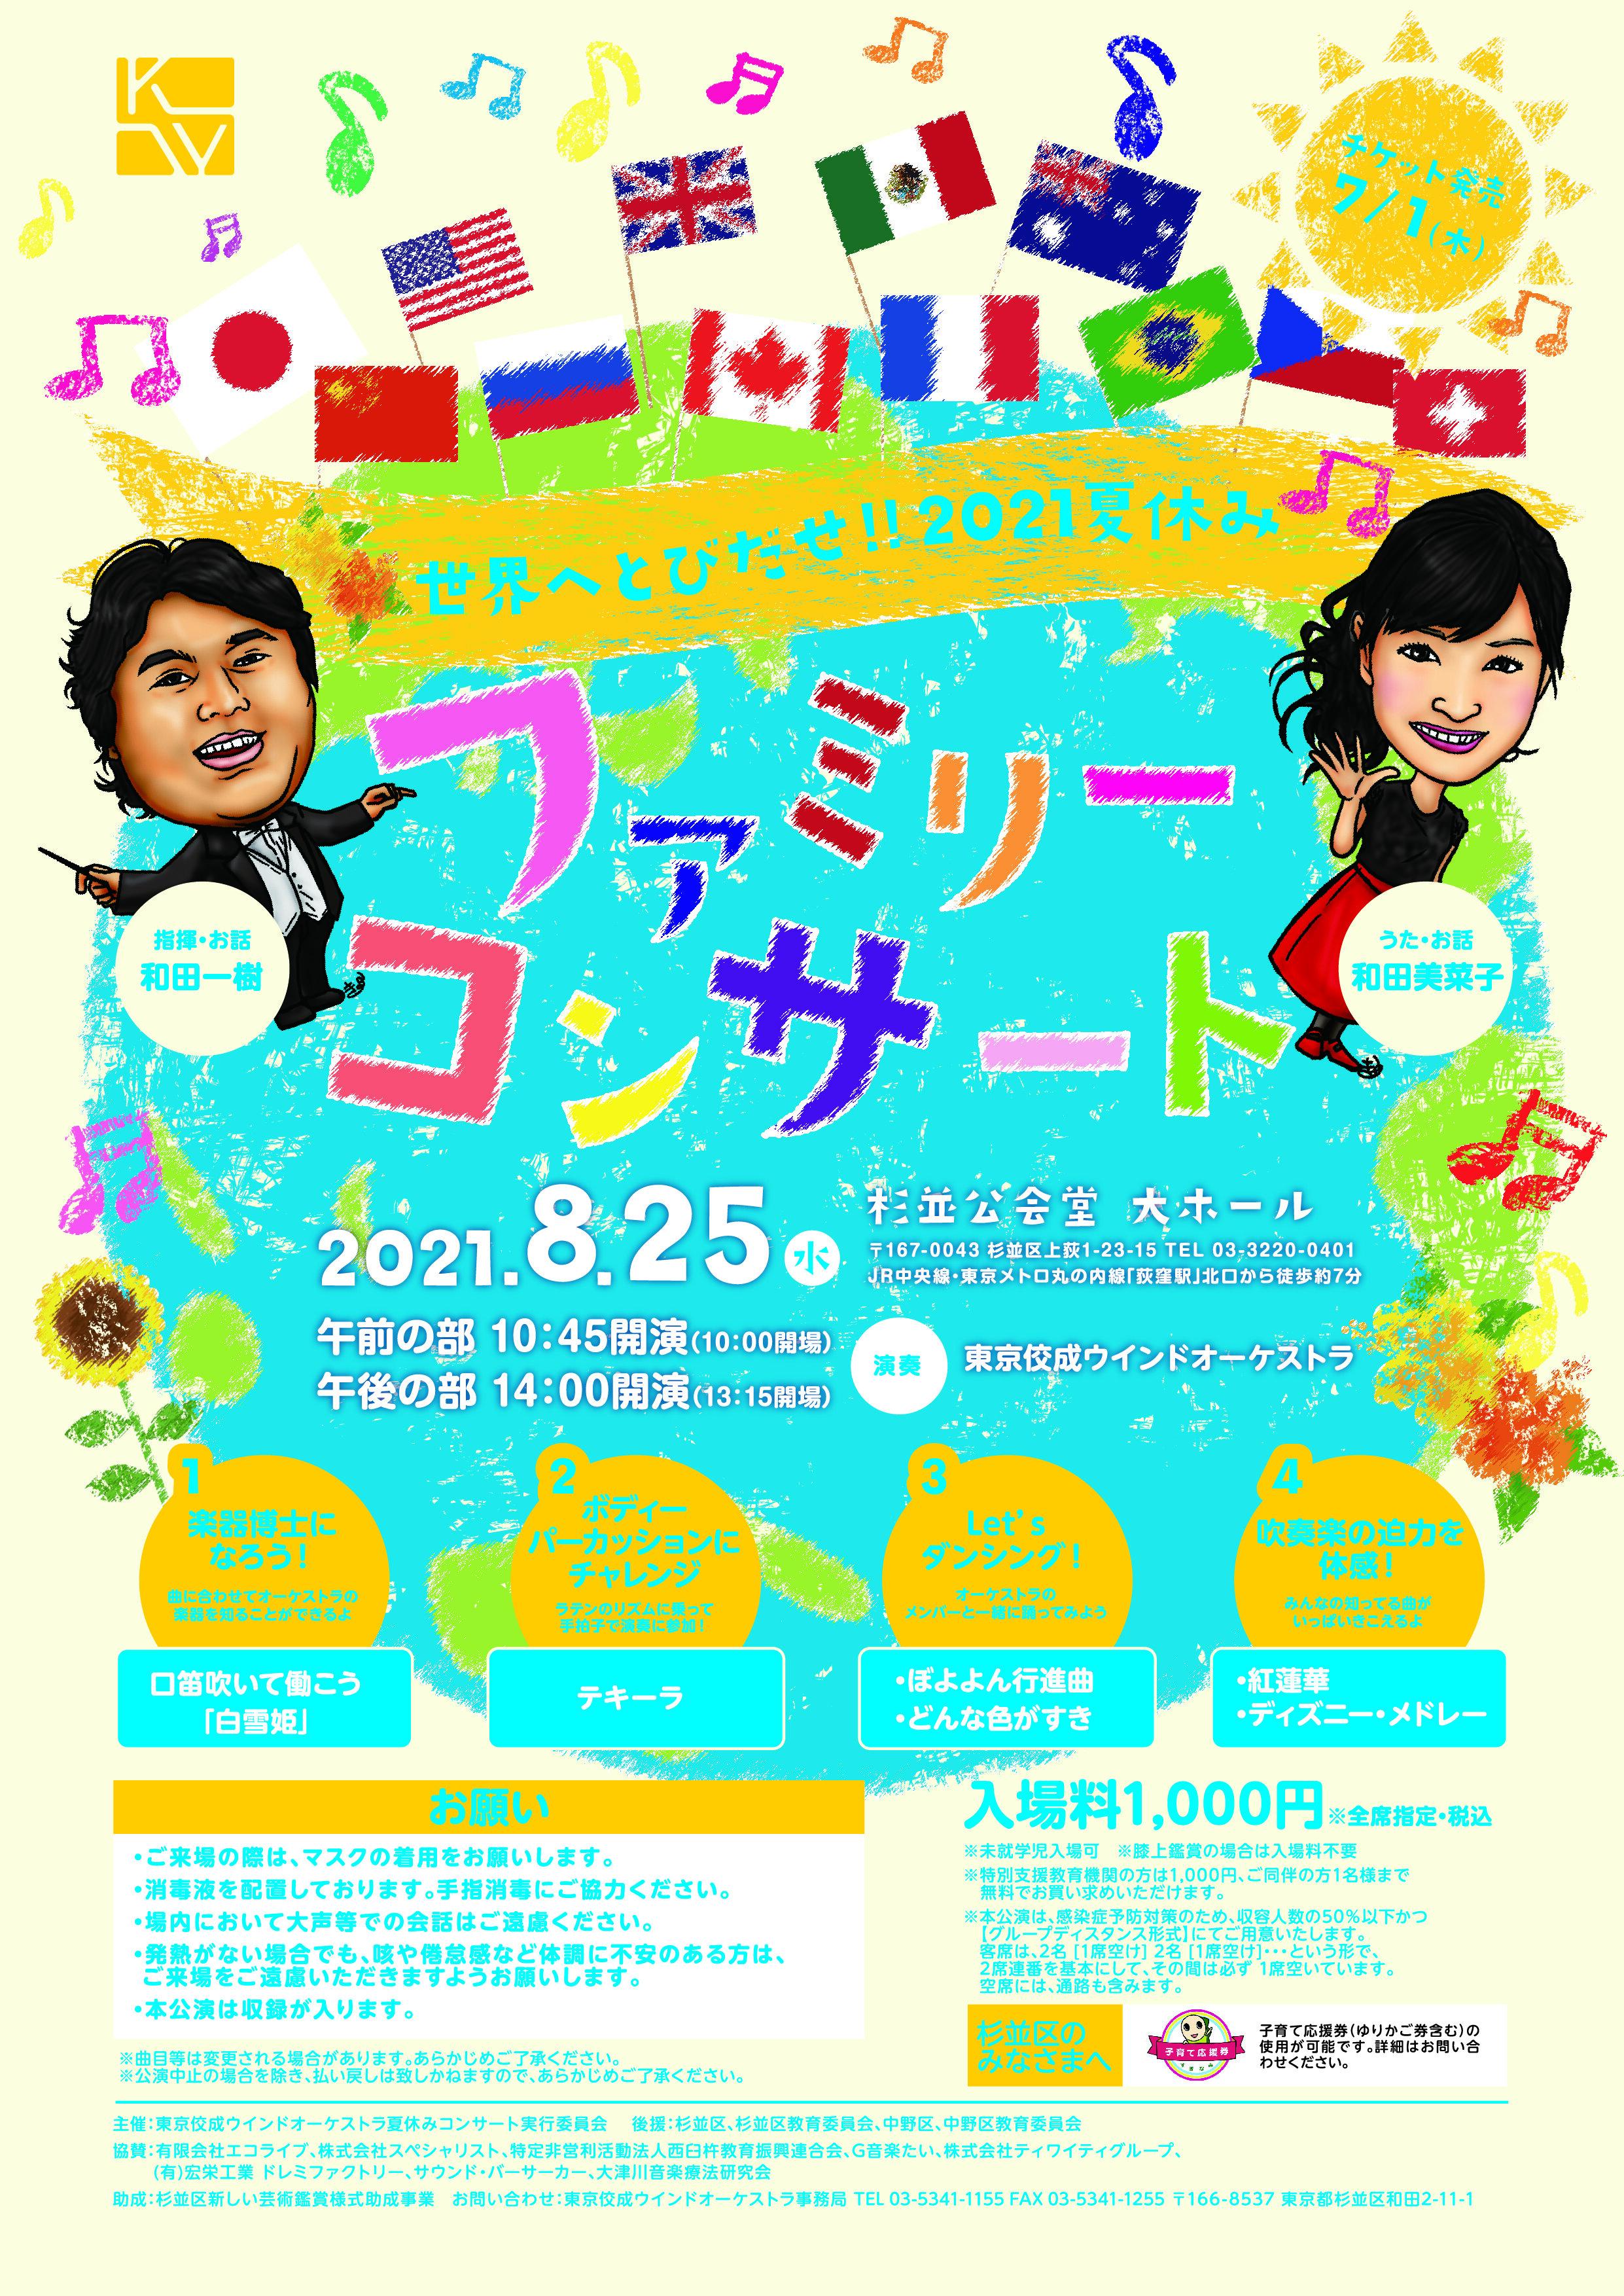 '21 夏休みファミリーコンサート(午前の部)